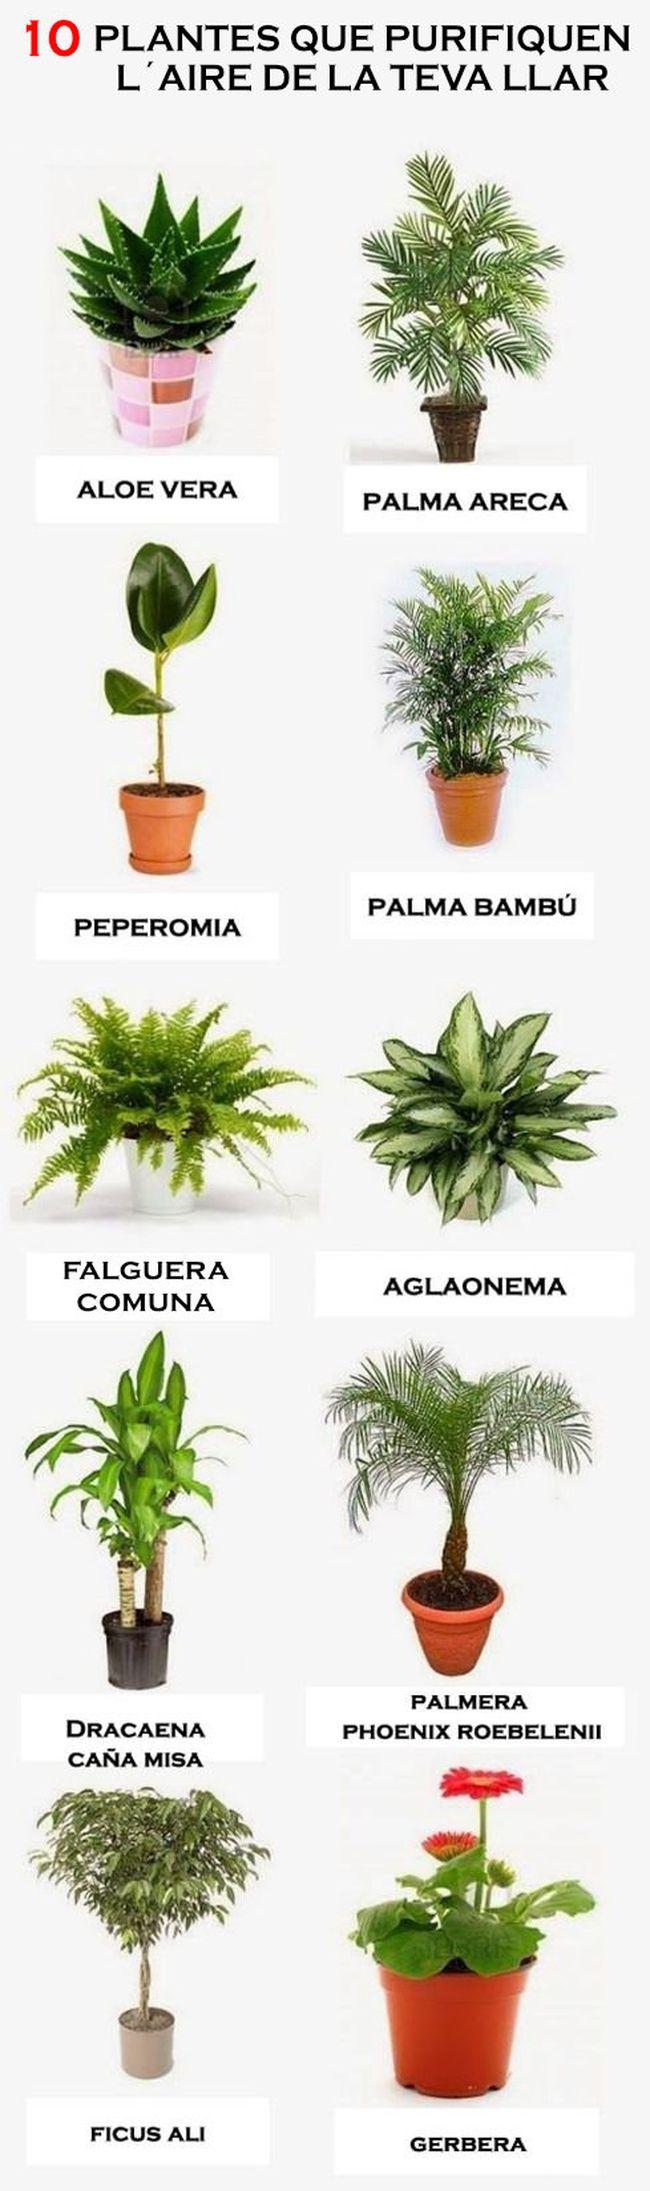 10 plantes que purifiquen l'aire de la teva llar.